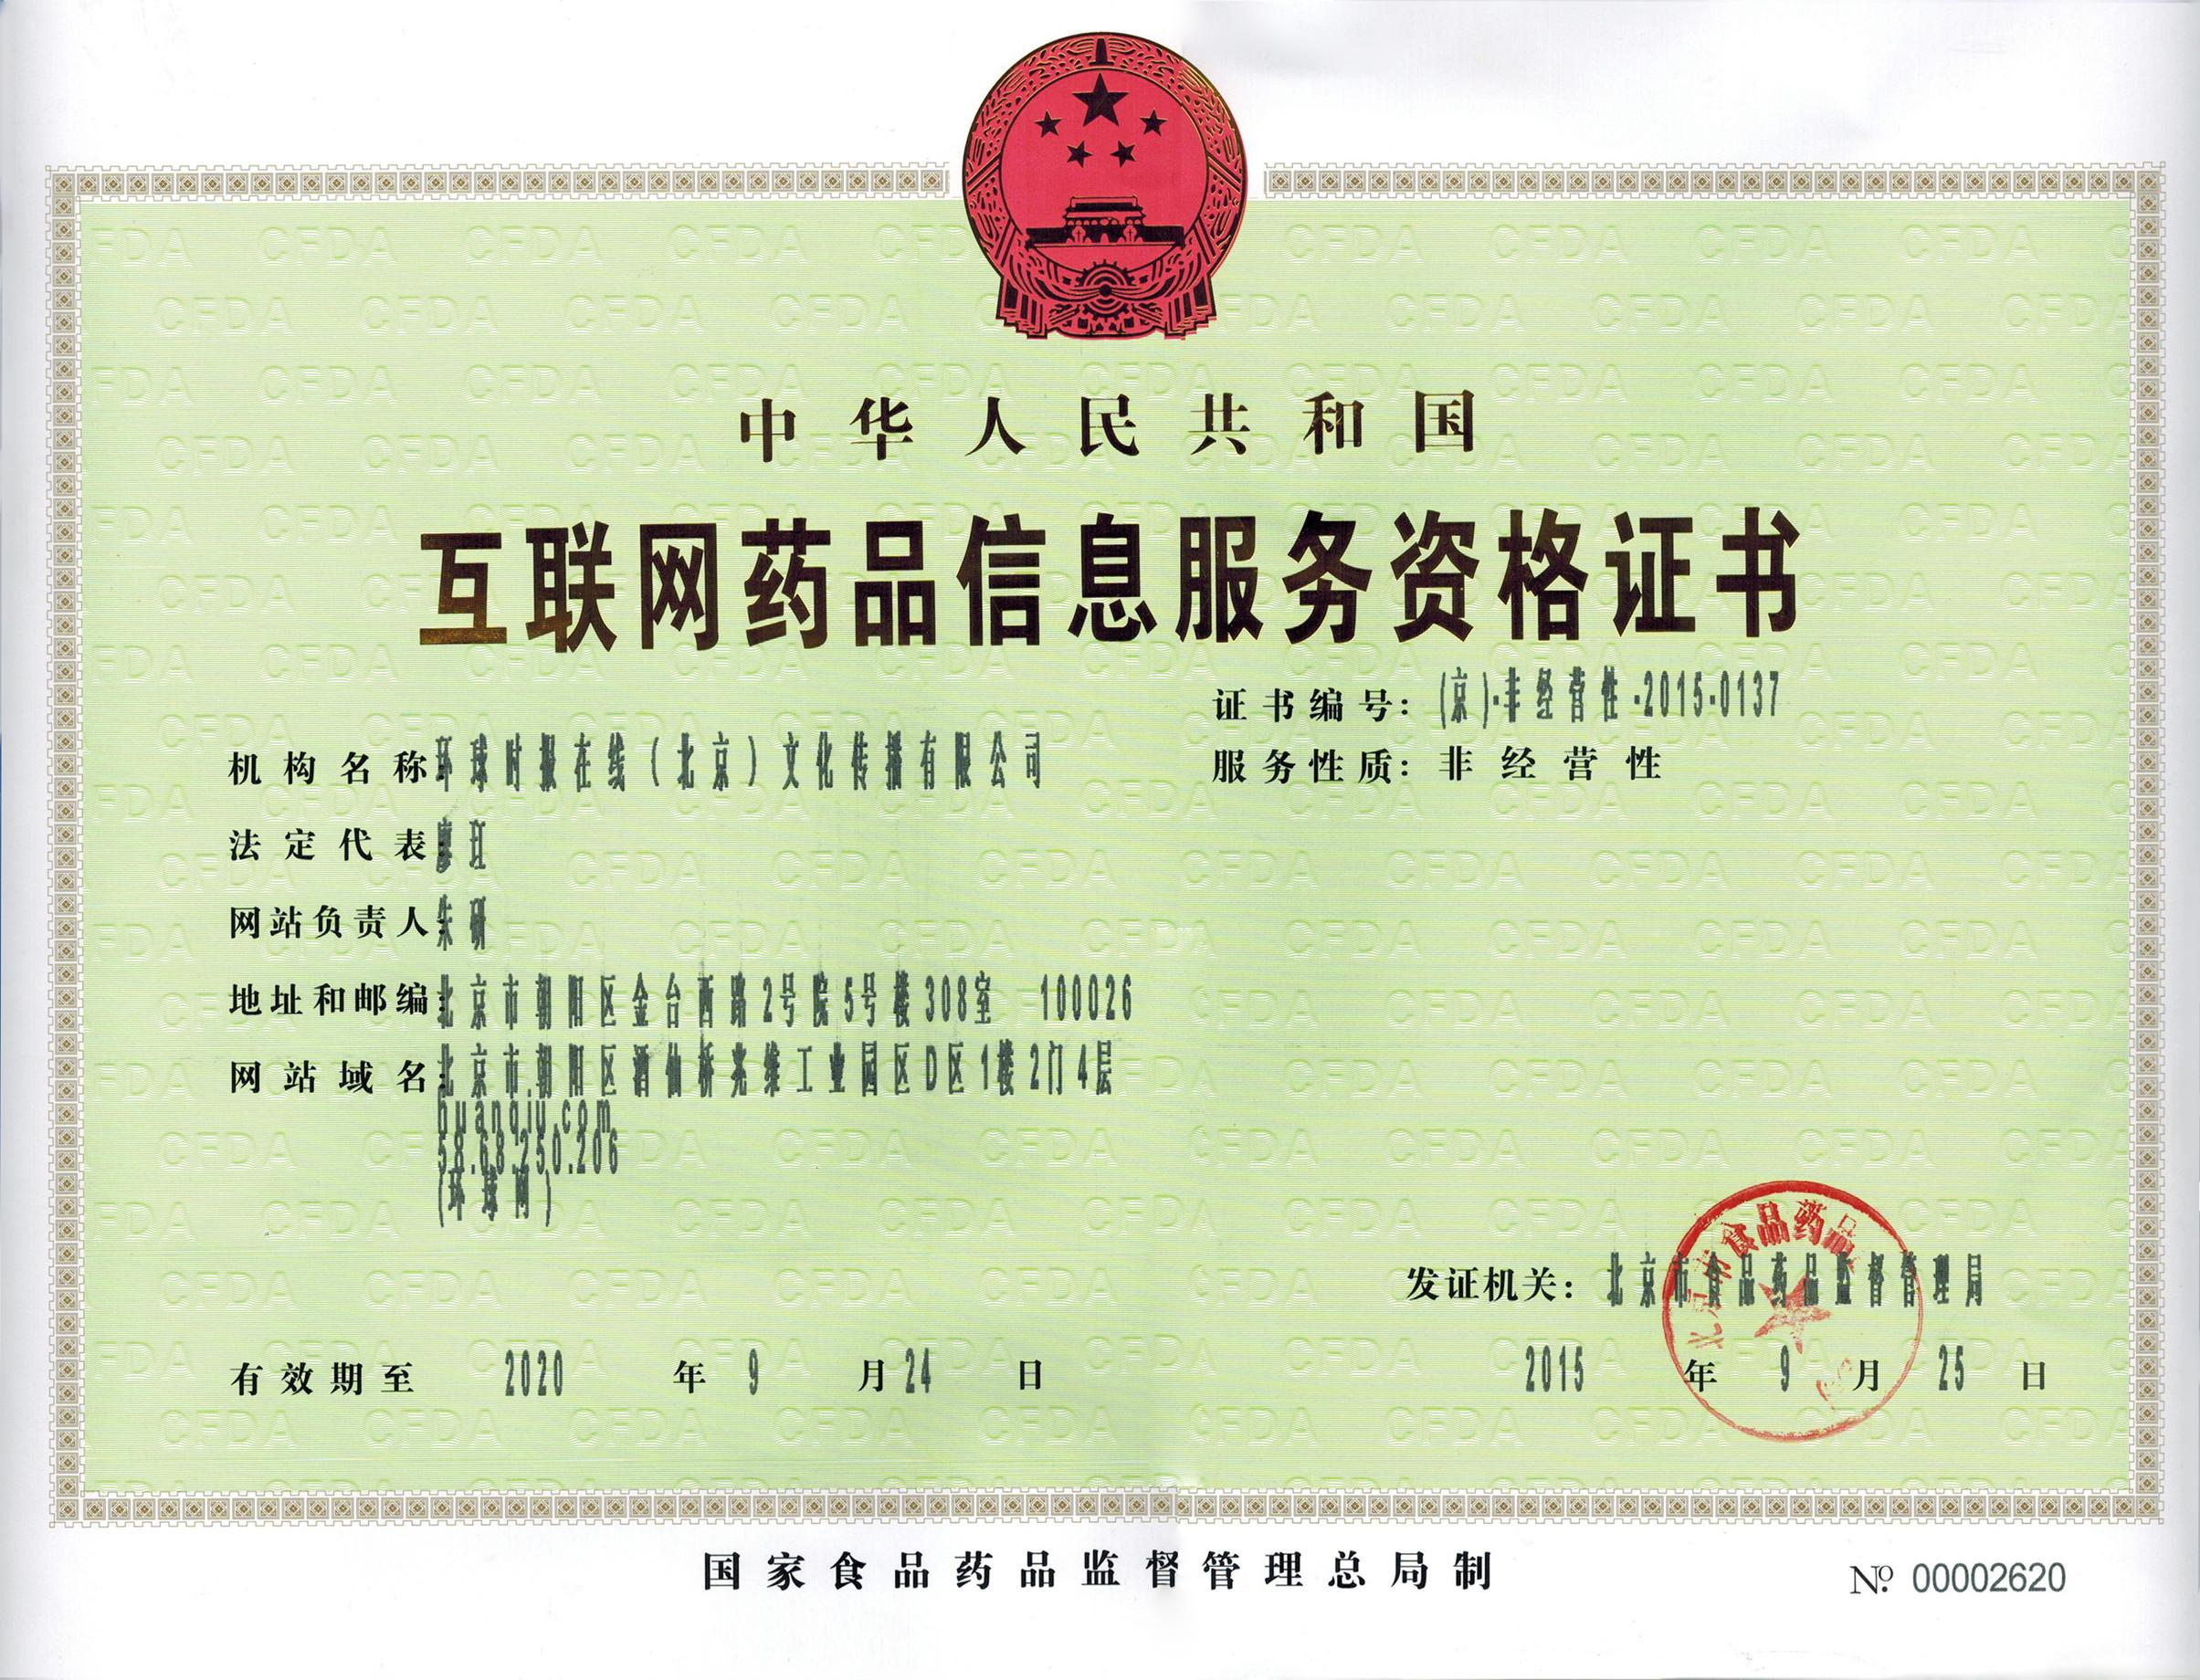 互联网药品信息服务资格证书 (京)-经营性-2009-0016